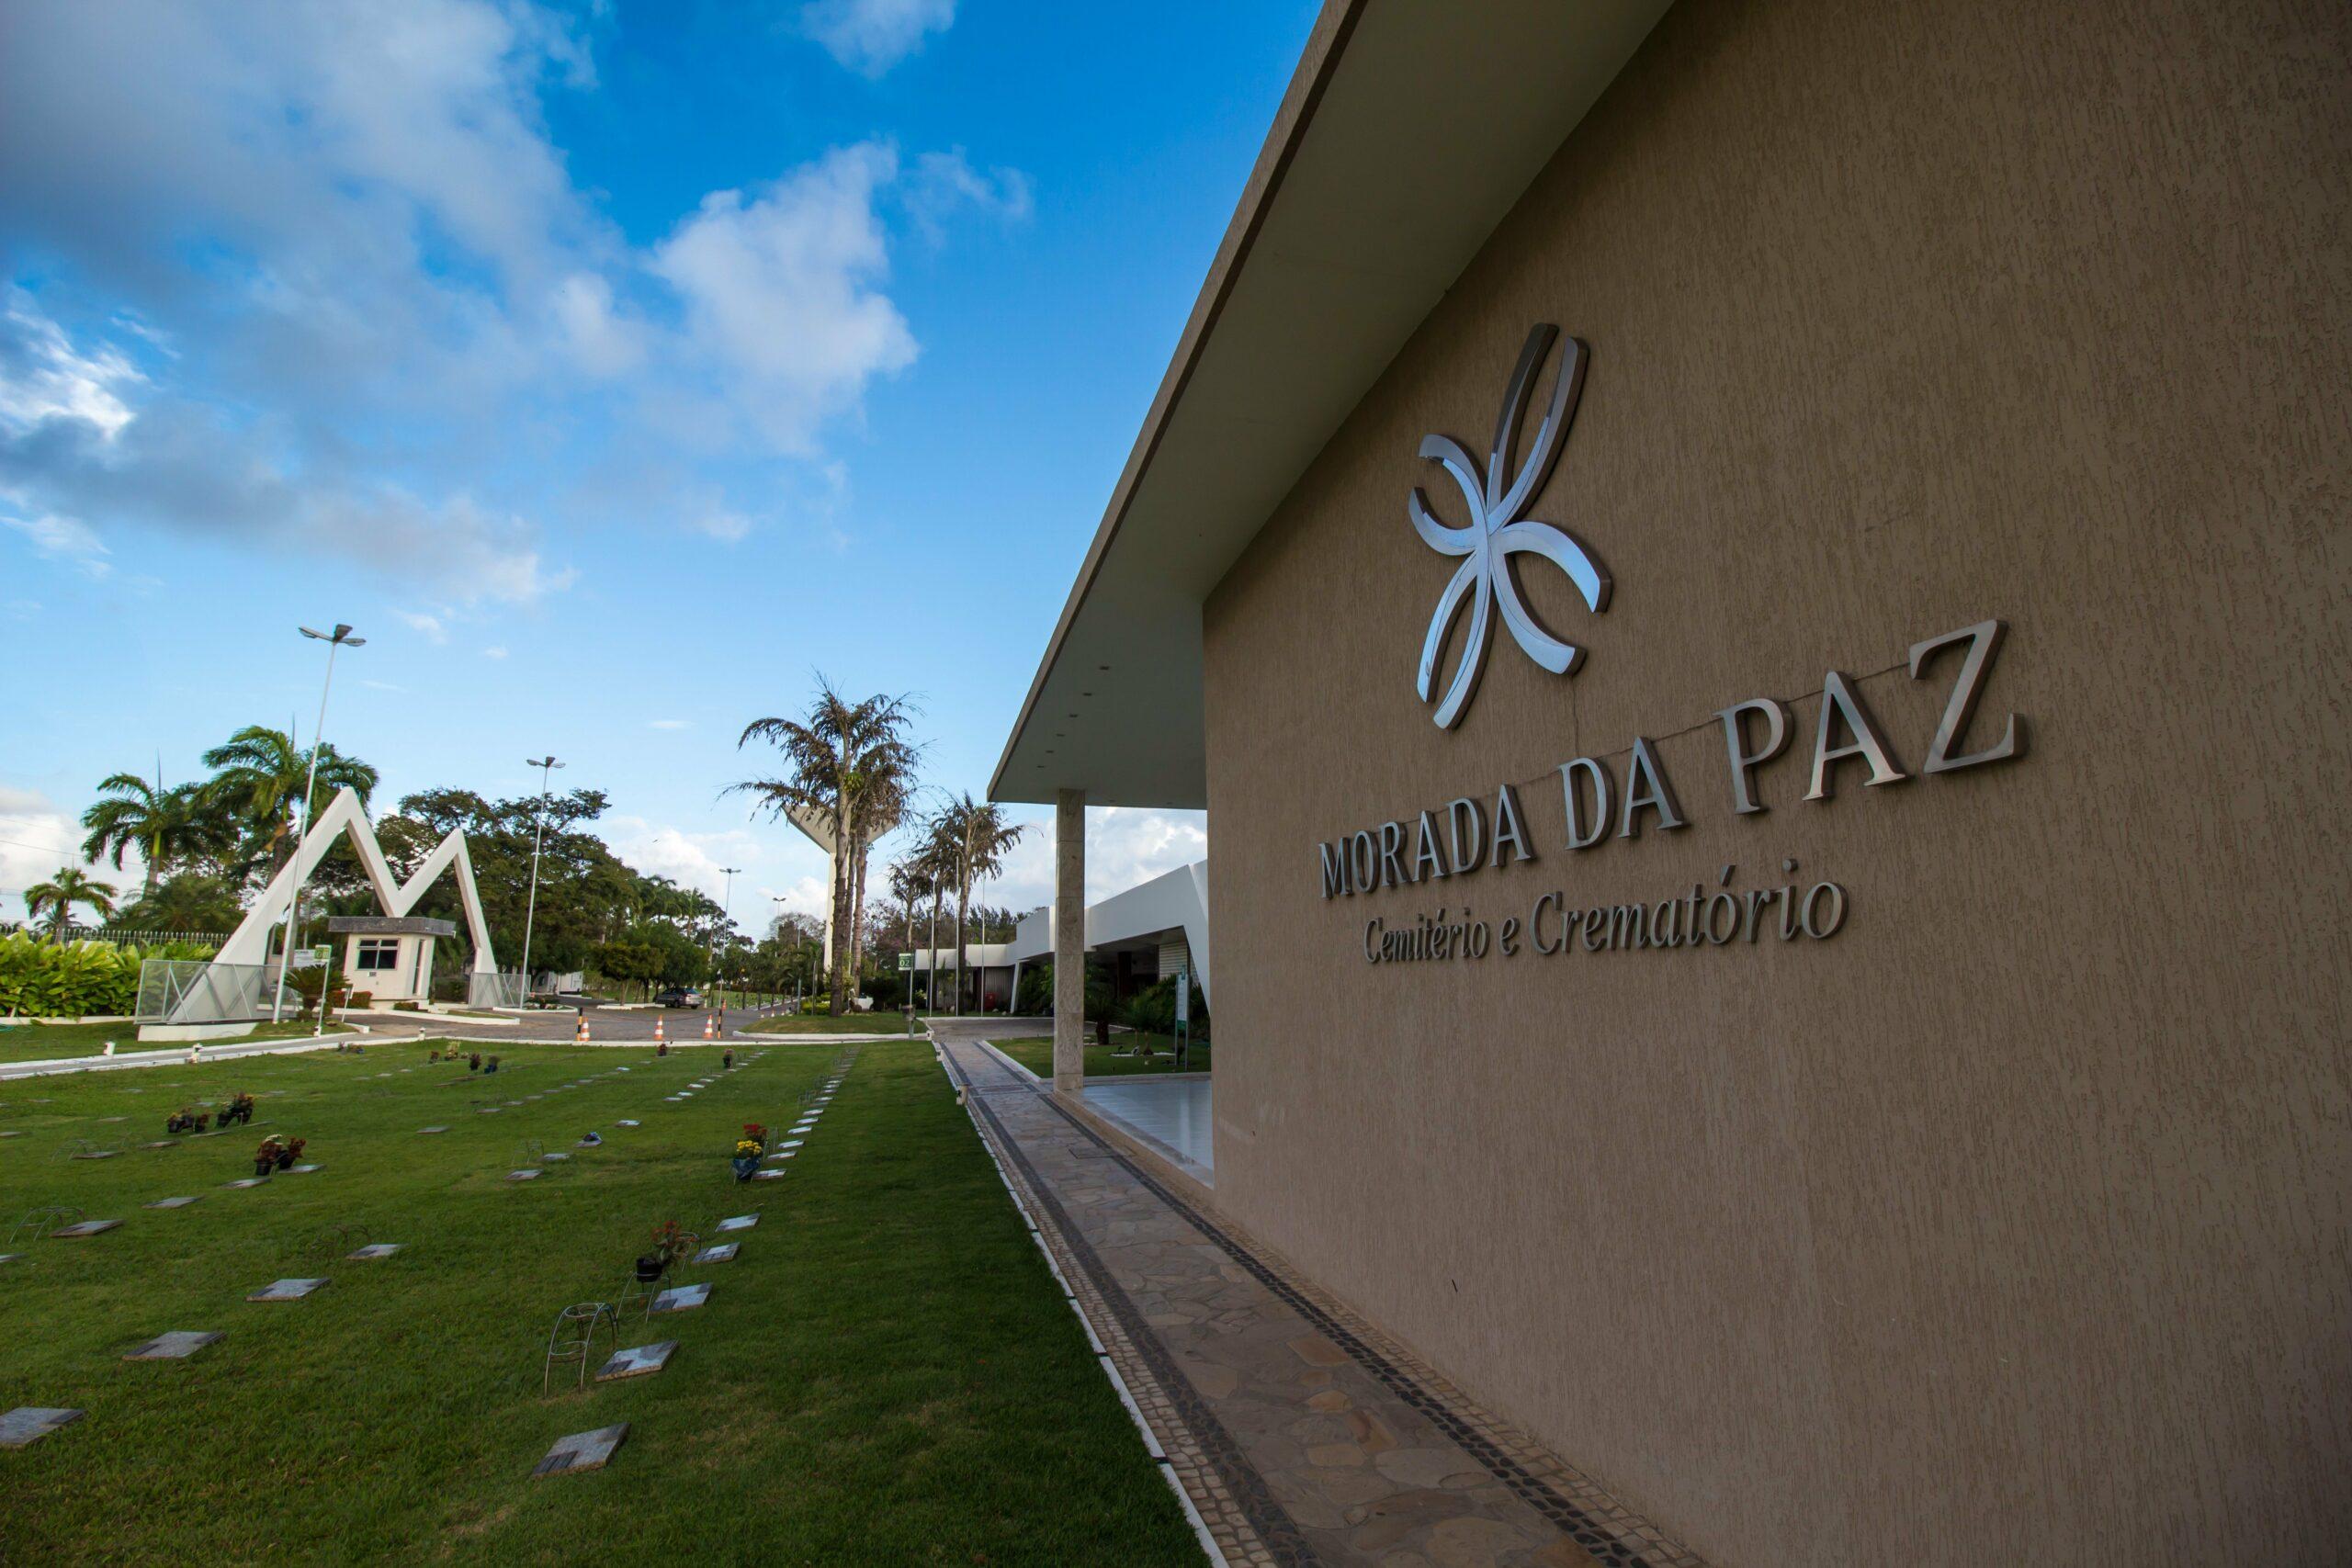 Cemitério Morada da Paz e sua divisão societária do Grupo Vila